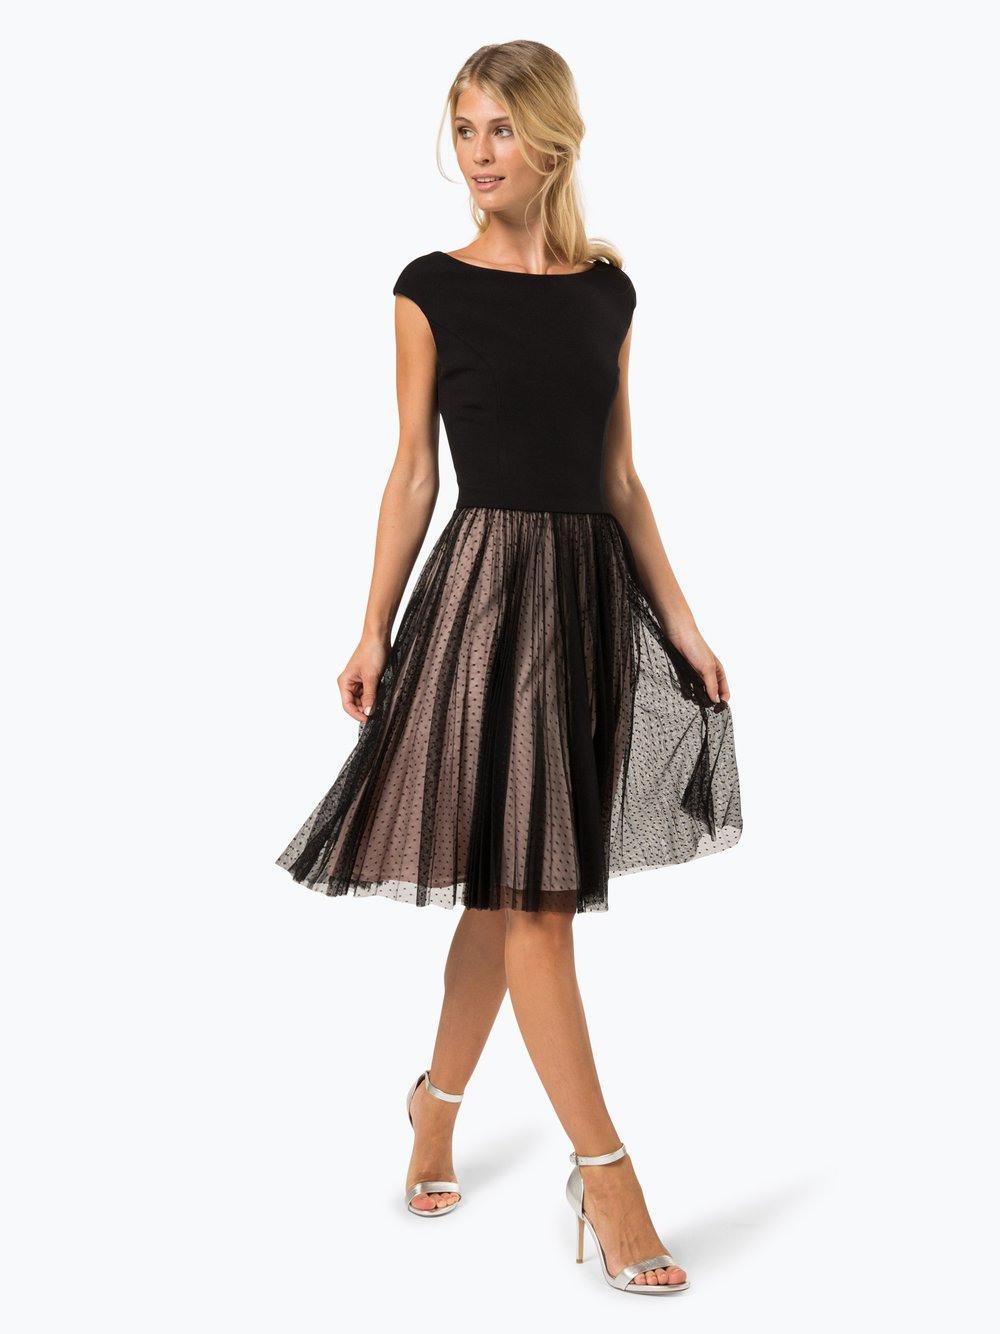 Fantastisch Esprit Abend Kleid VertriebFormal Wunderbar Esprit Abend Kleid Design